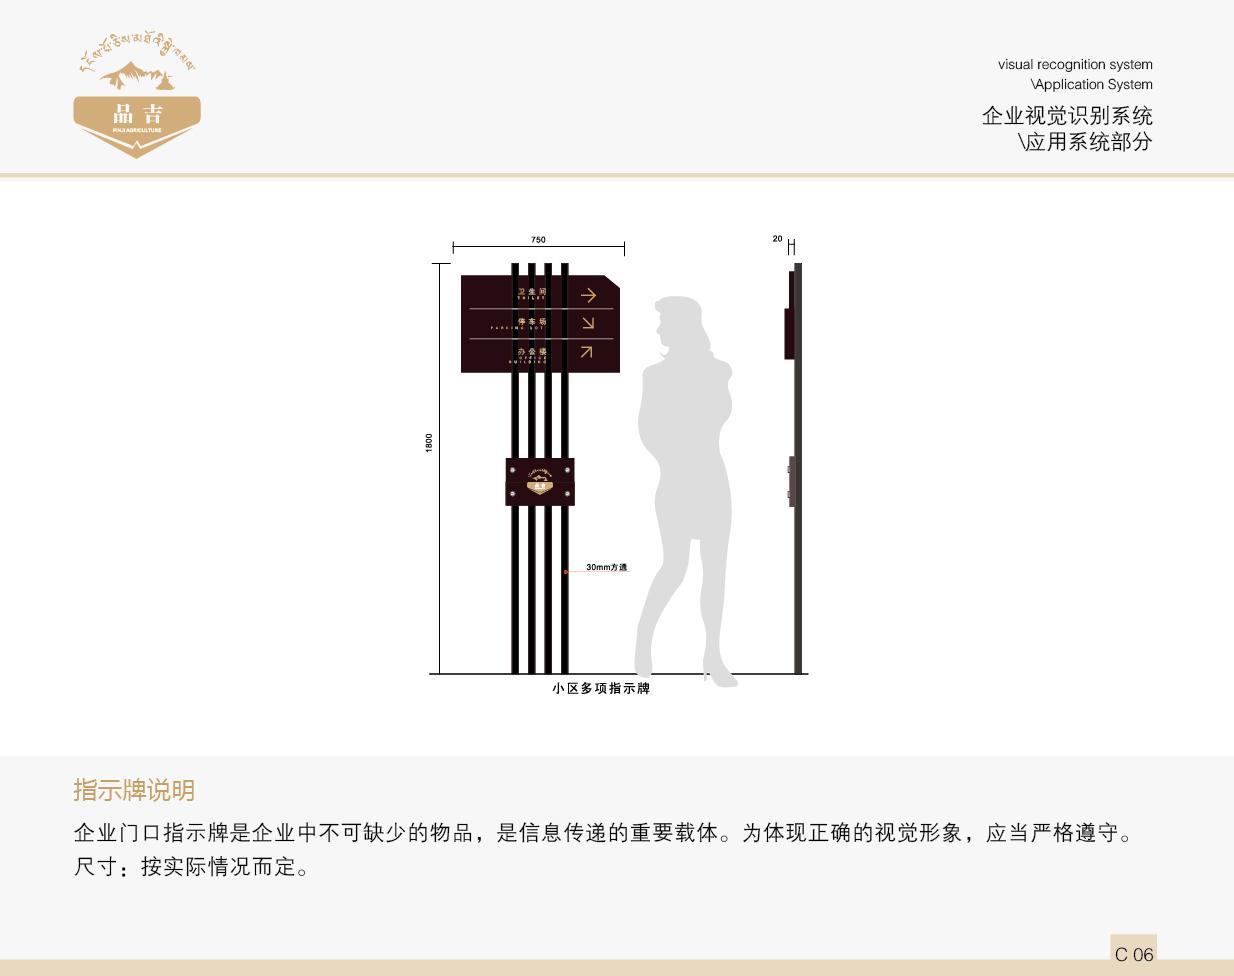 品吉农业VI 应用系统部分  客户资料  第7张